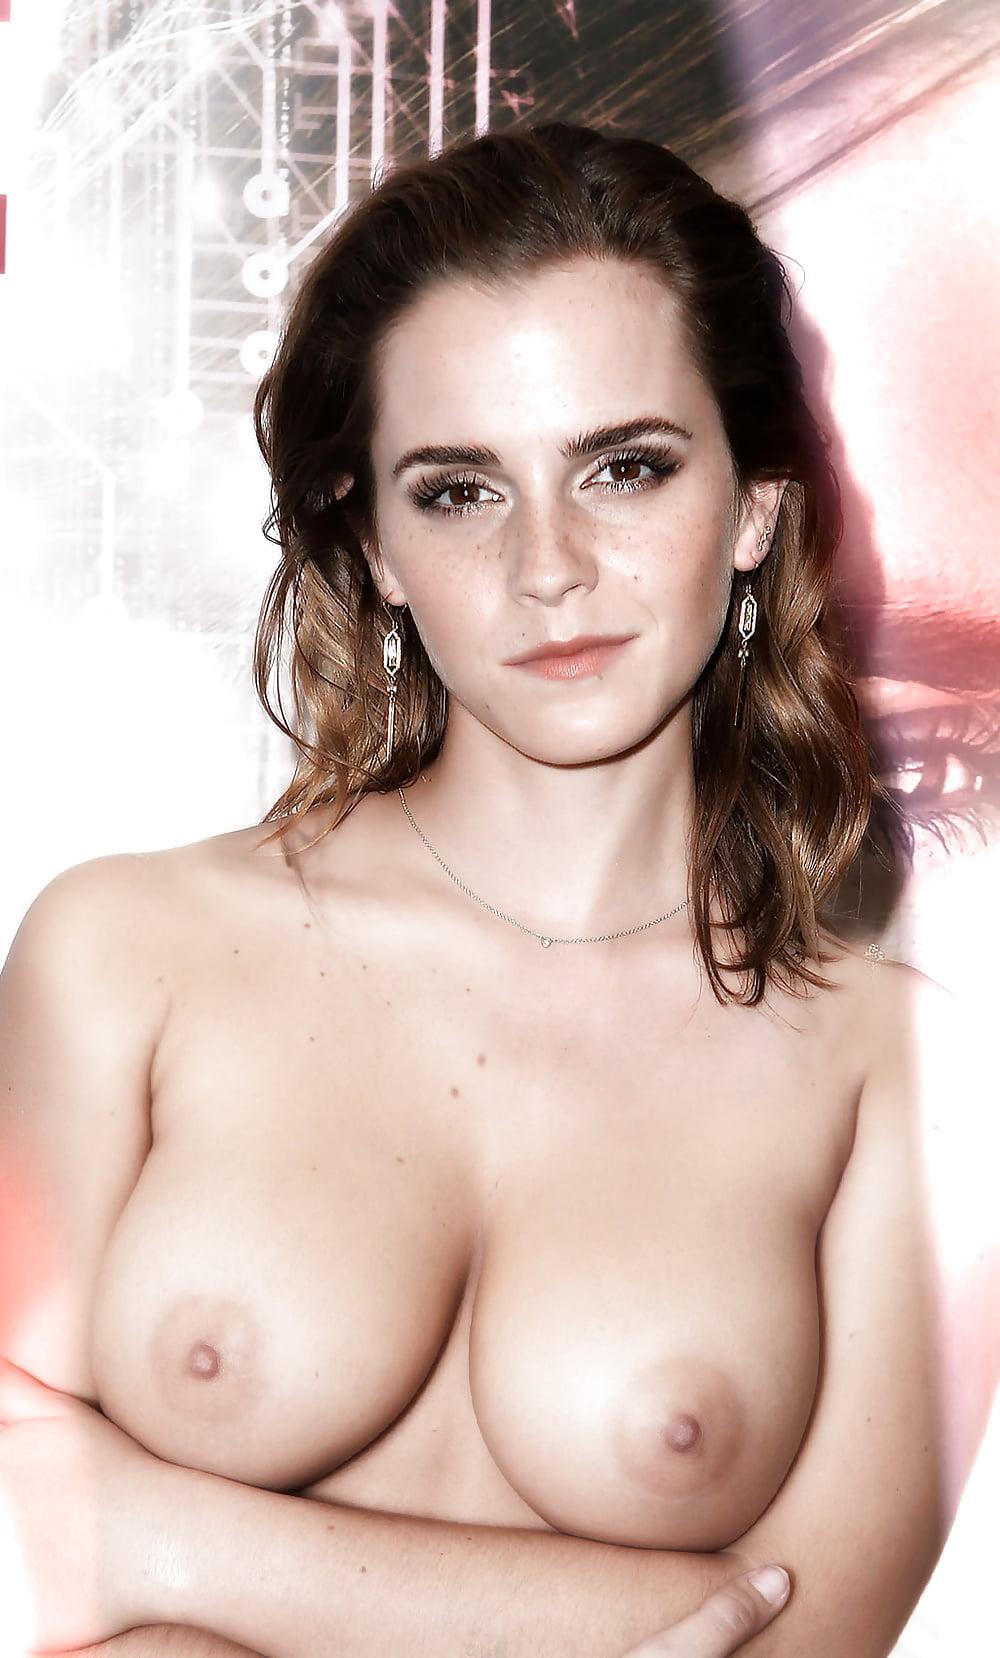 free-naked-pics-of-emma-watson